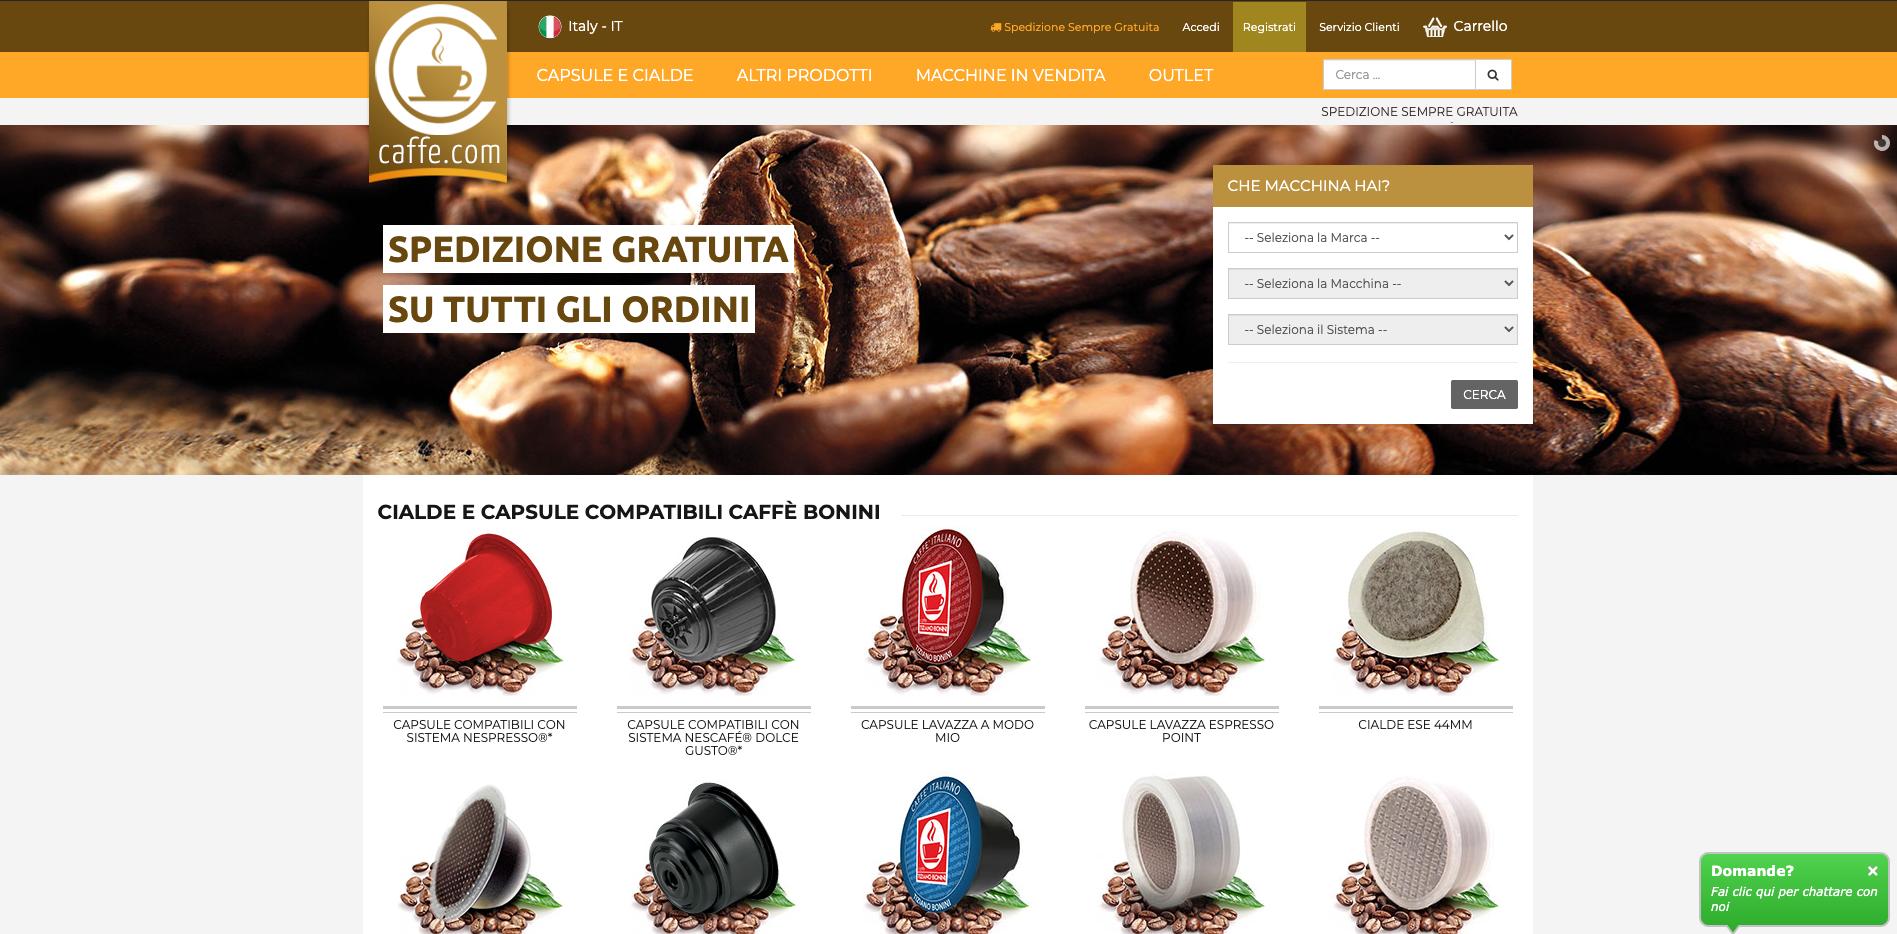 caffe.com siti caffè online